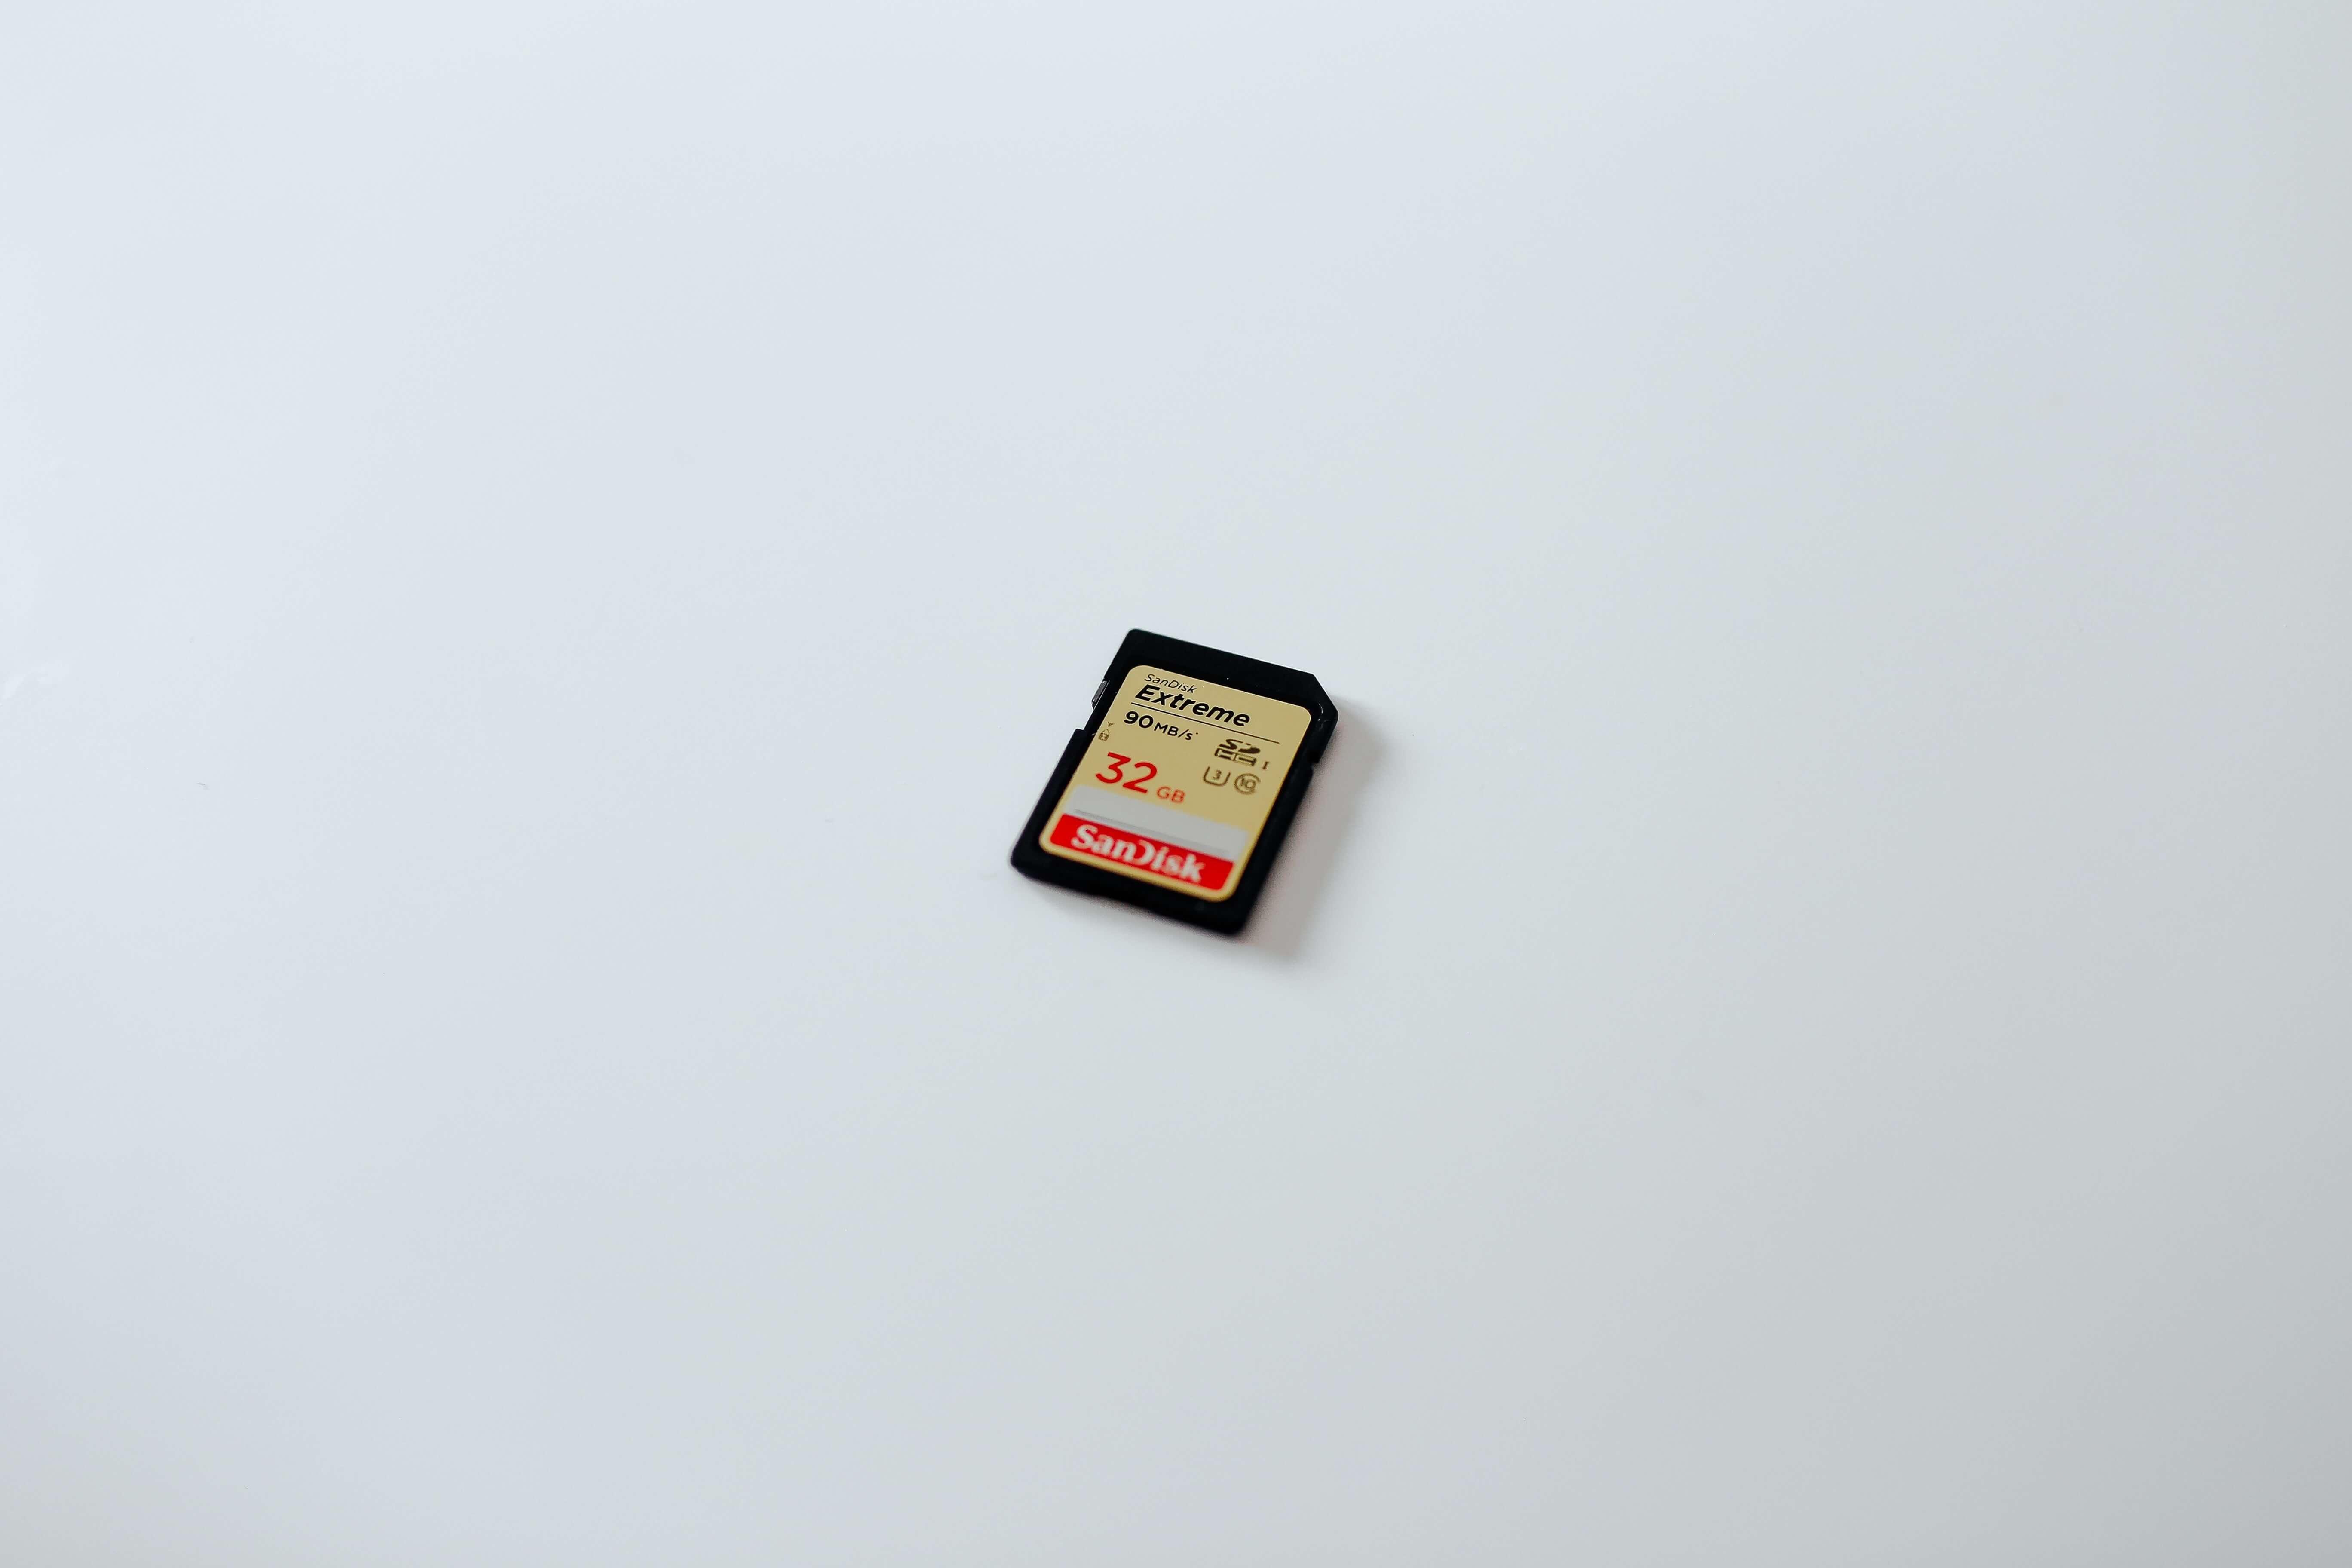 動画撮影におすすめのSDカード5選と選び方【ビデオカメラ・一眼レフ】